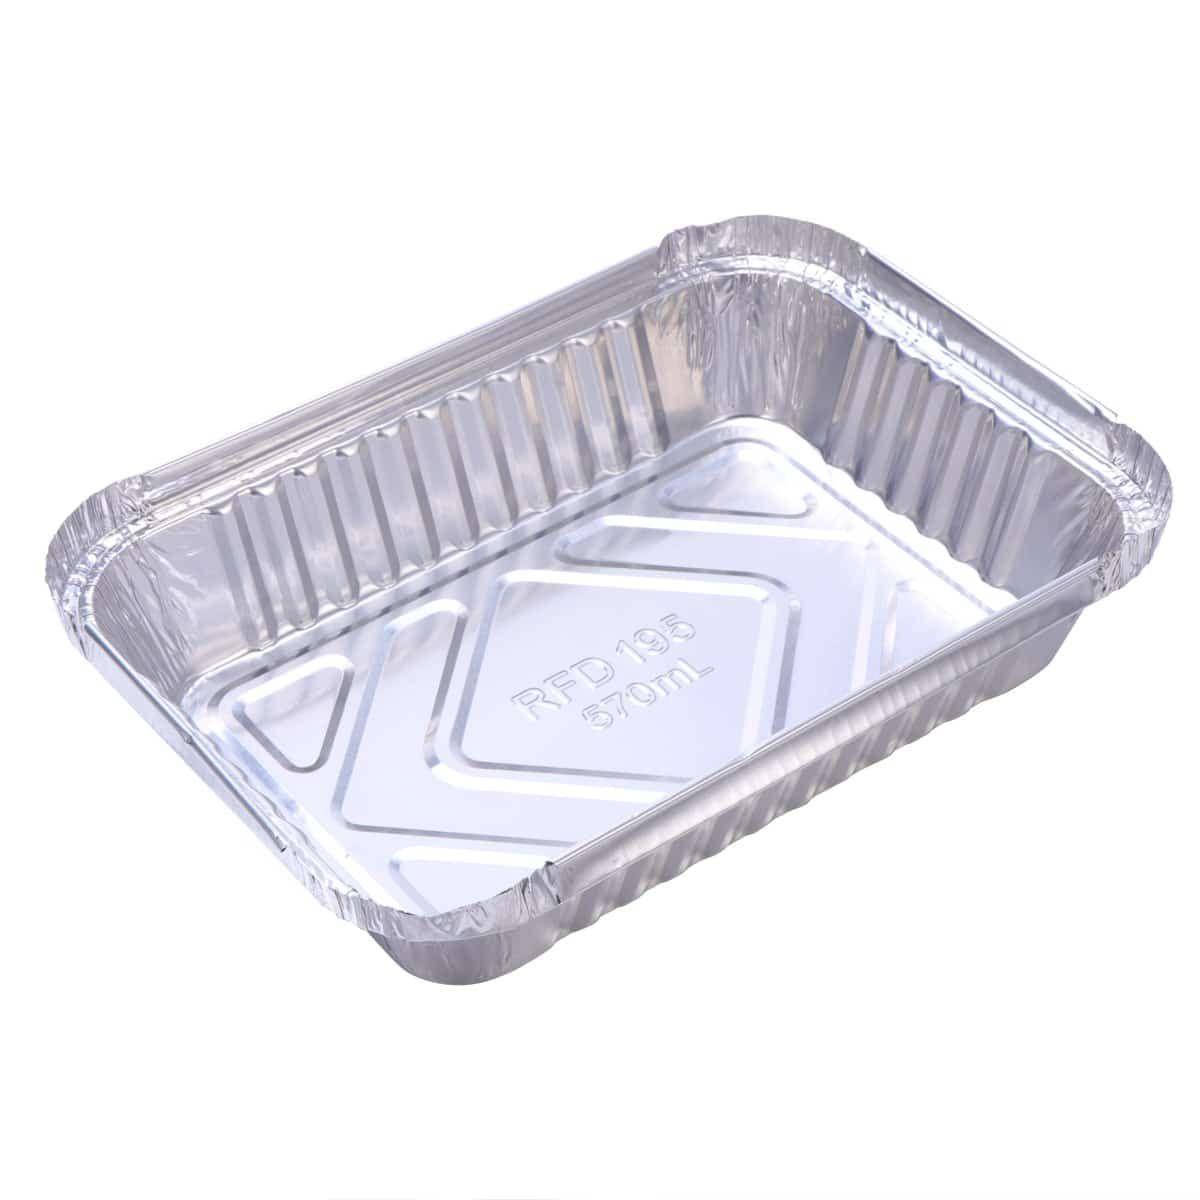 30 Pcs Disposable Aluminum Serving Tray Foil Baking Pans